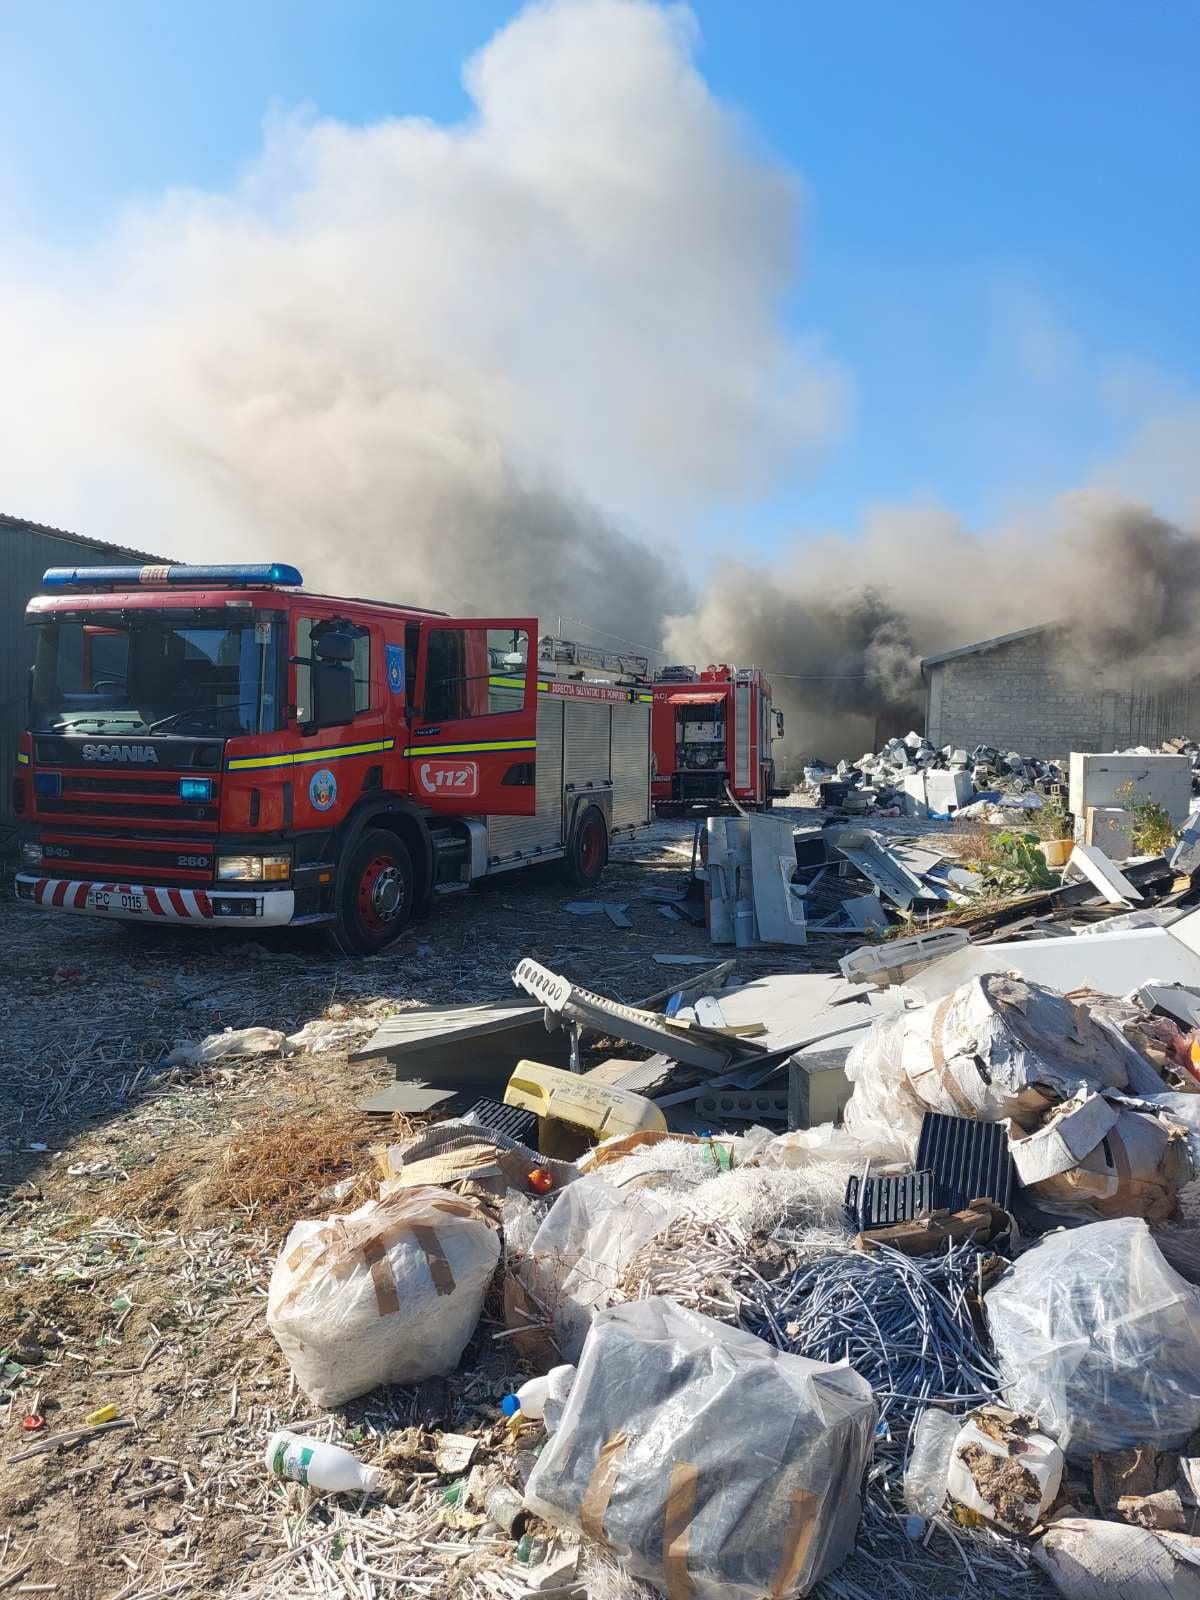 В Кишиневе на Чеканах произошел пожар. На месте работали 70 пожарных (ФОТО, ВИДЕО) (ОБНОВЛЕНО)